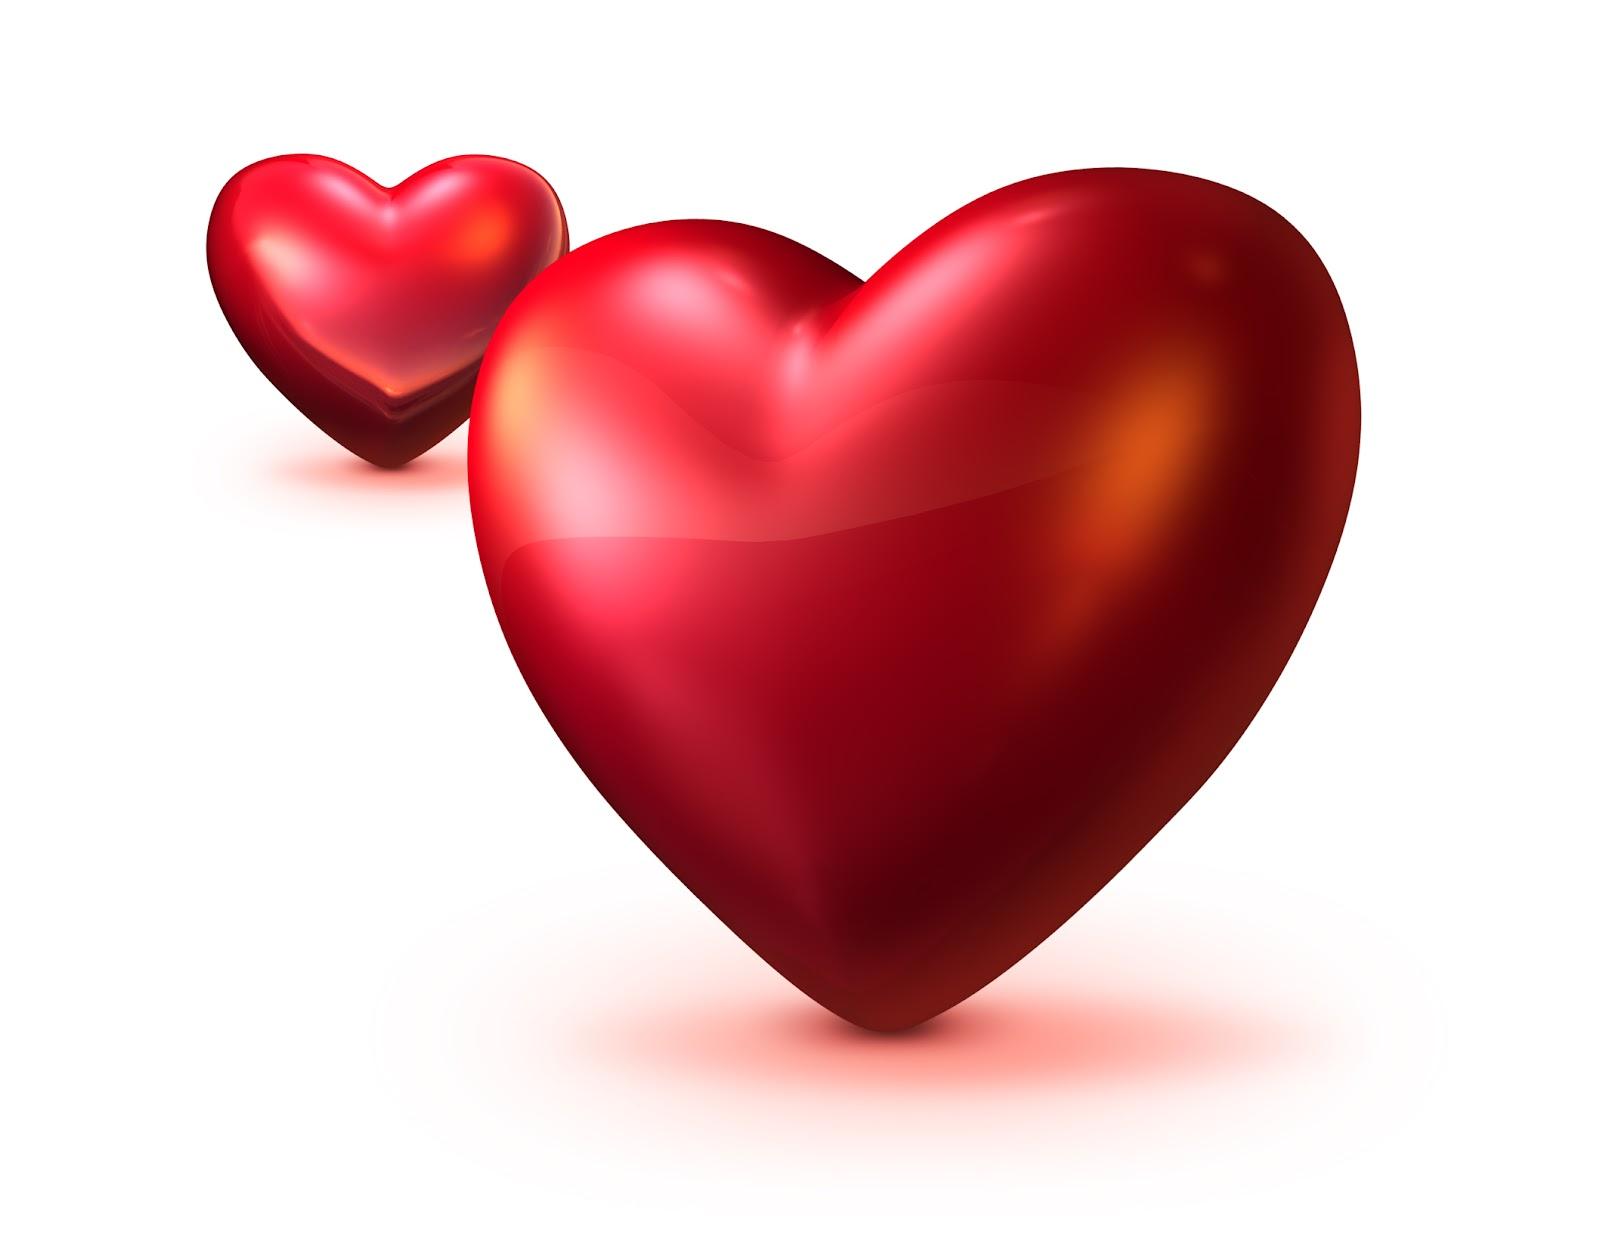 साप्ताहिक प्रेम राशिफल के द्वारा जानिये यह सप्ताह आपके लिए क्या लेकर आया है।